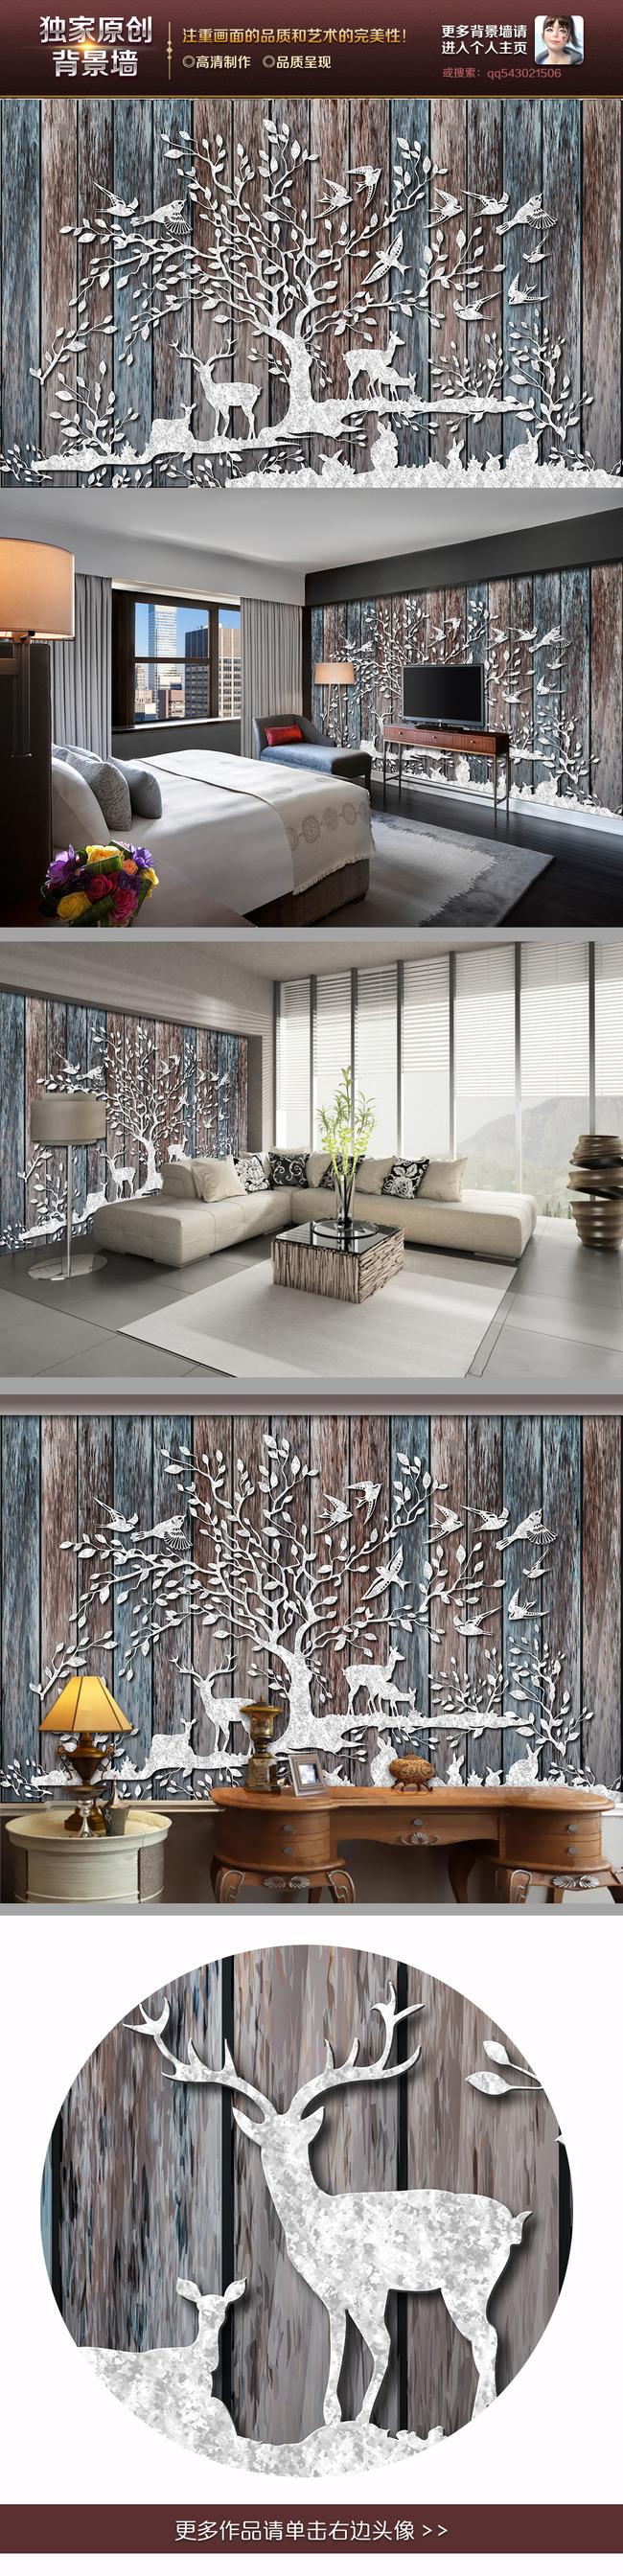 欧式壁画 复古壁纸 复古壁画 欧美风 复古风 复古 欧式背景 木墙 木板